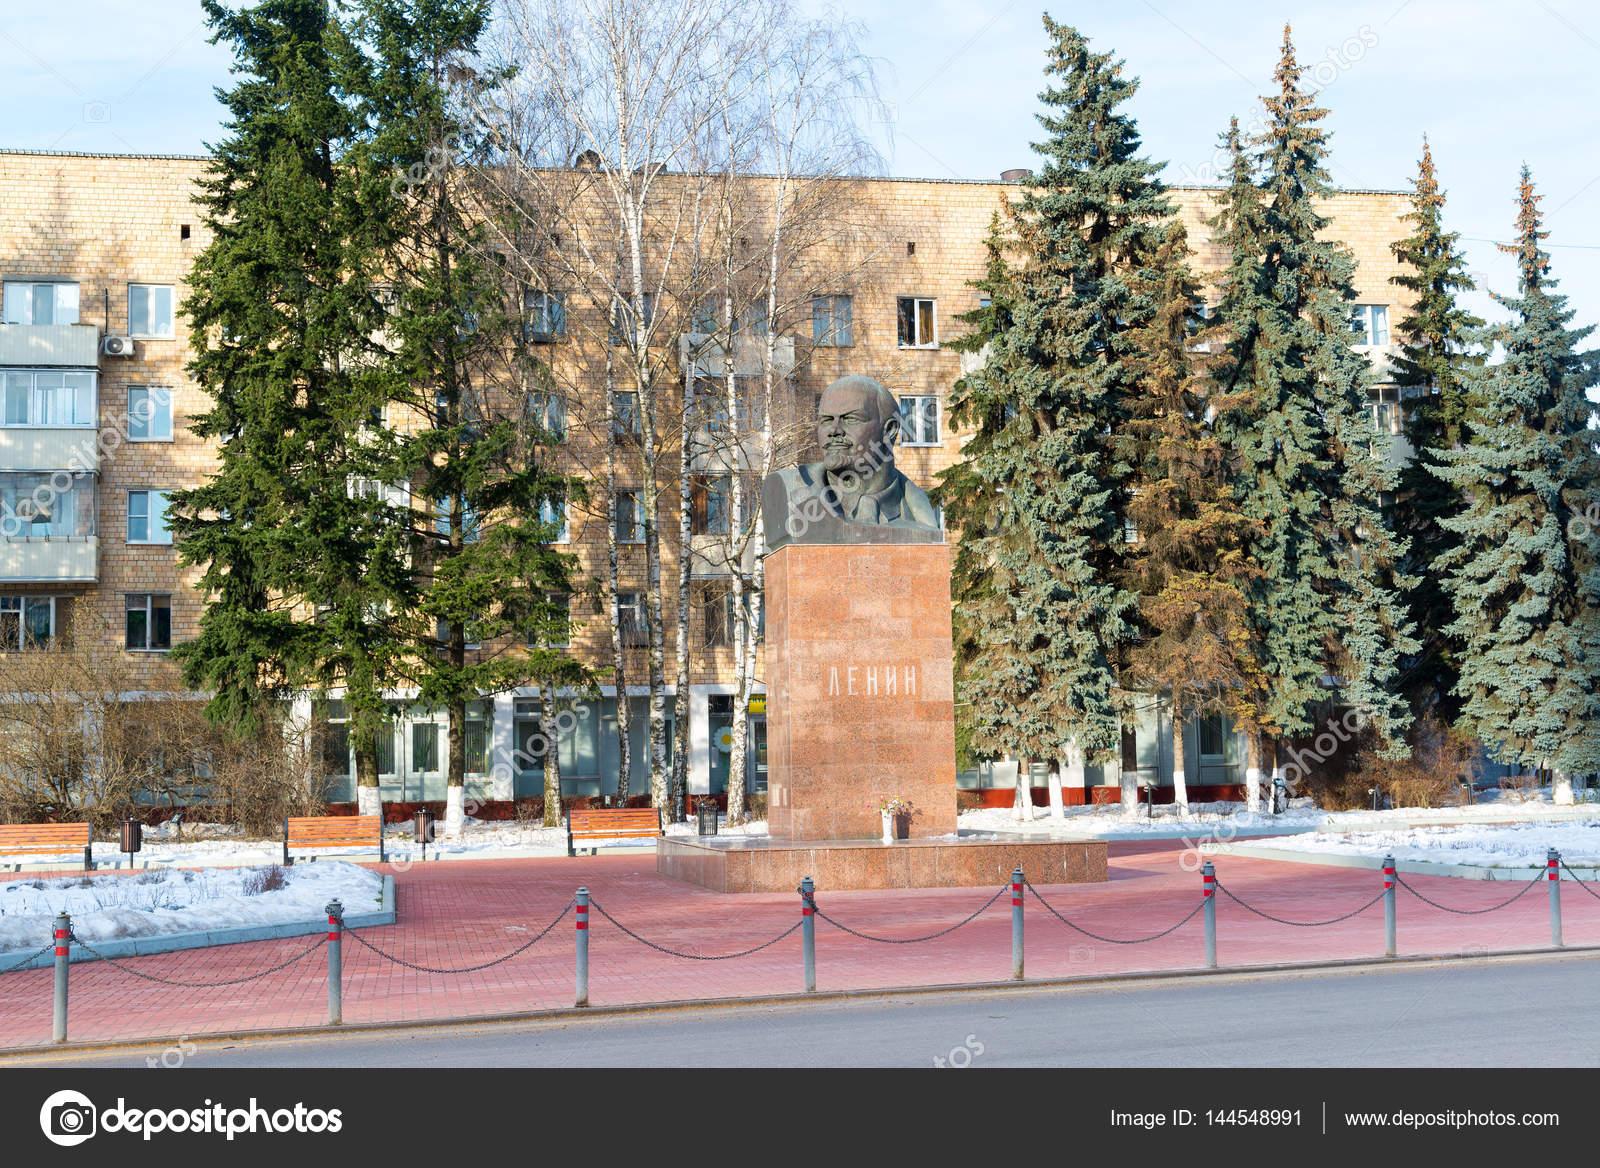 ヒムキ, ロシア連邦 - 11 月 21....